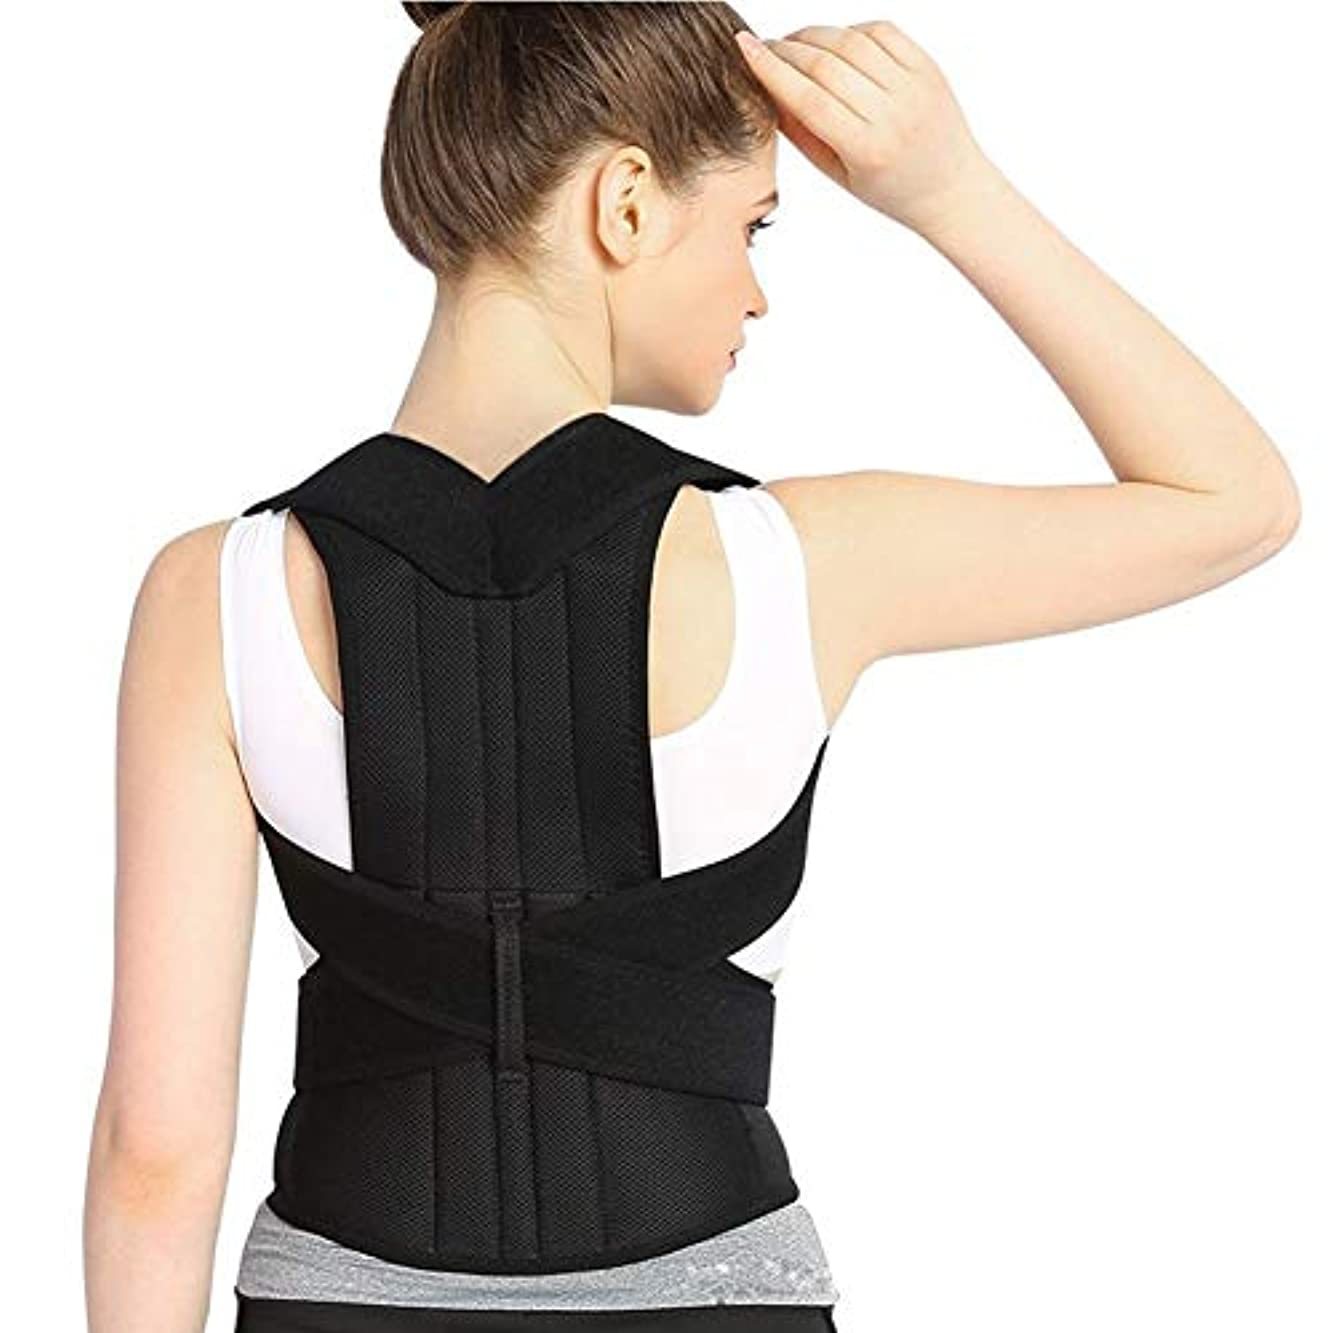 心理的パイプラインアウターJYSD 女性と男性のための姿勢補正器と背中のサポートブレース、鎖骨のサポートブレースは、肩のサポート、背中の上部と首の痛みの緩和に最適です (Size : L)